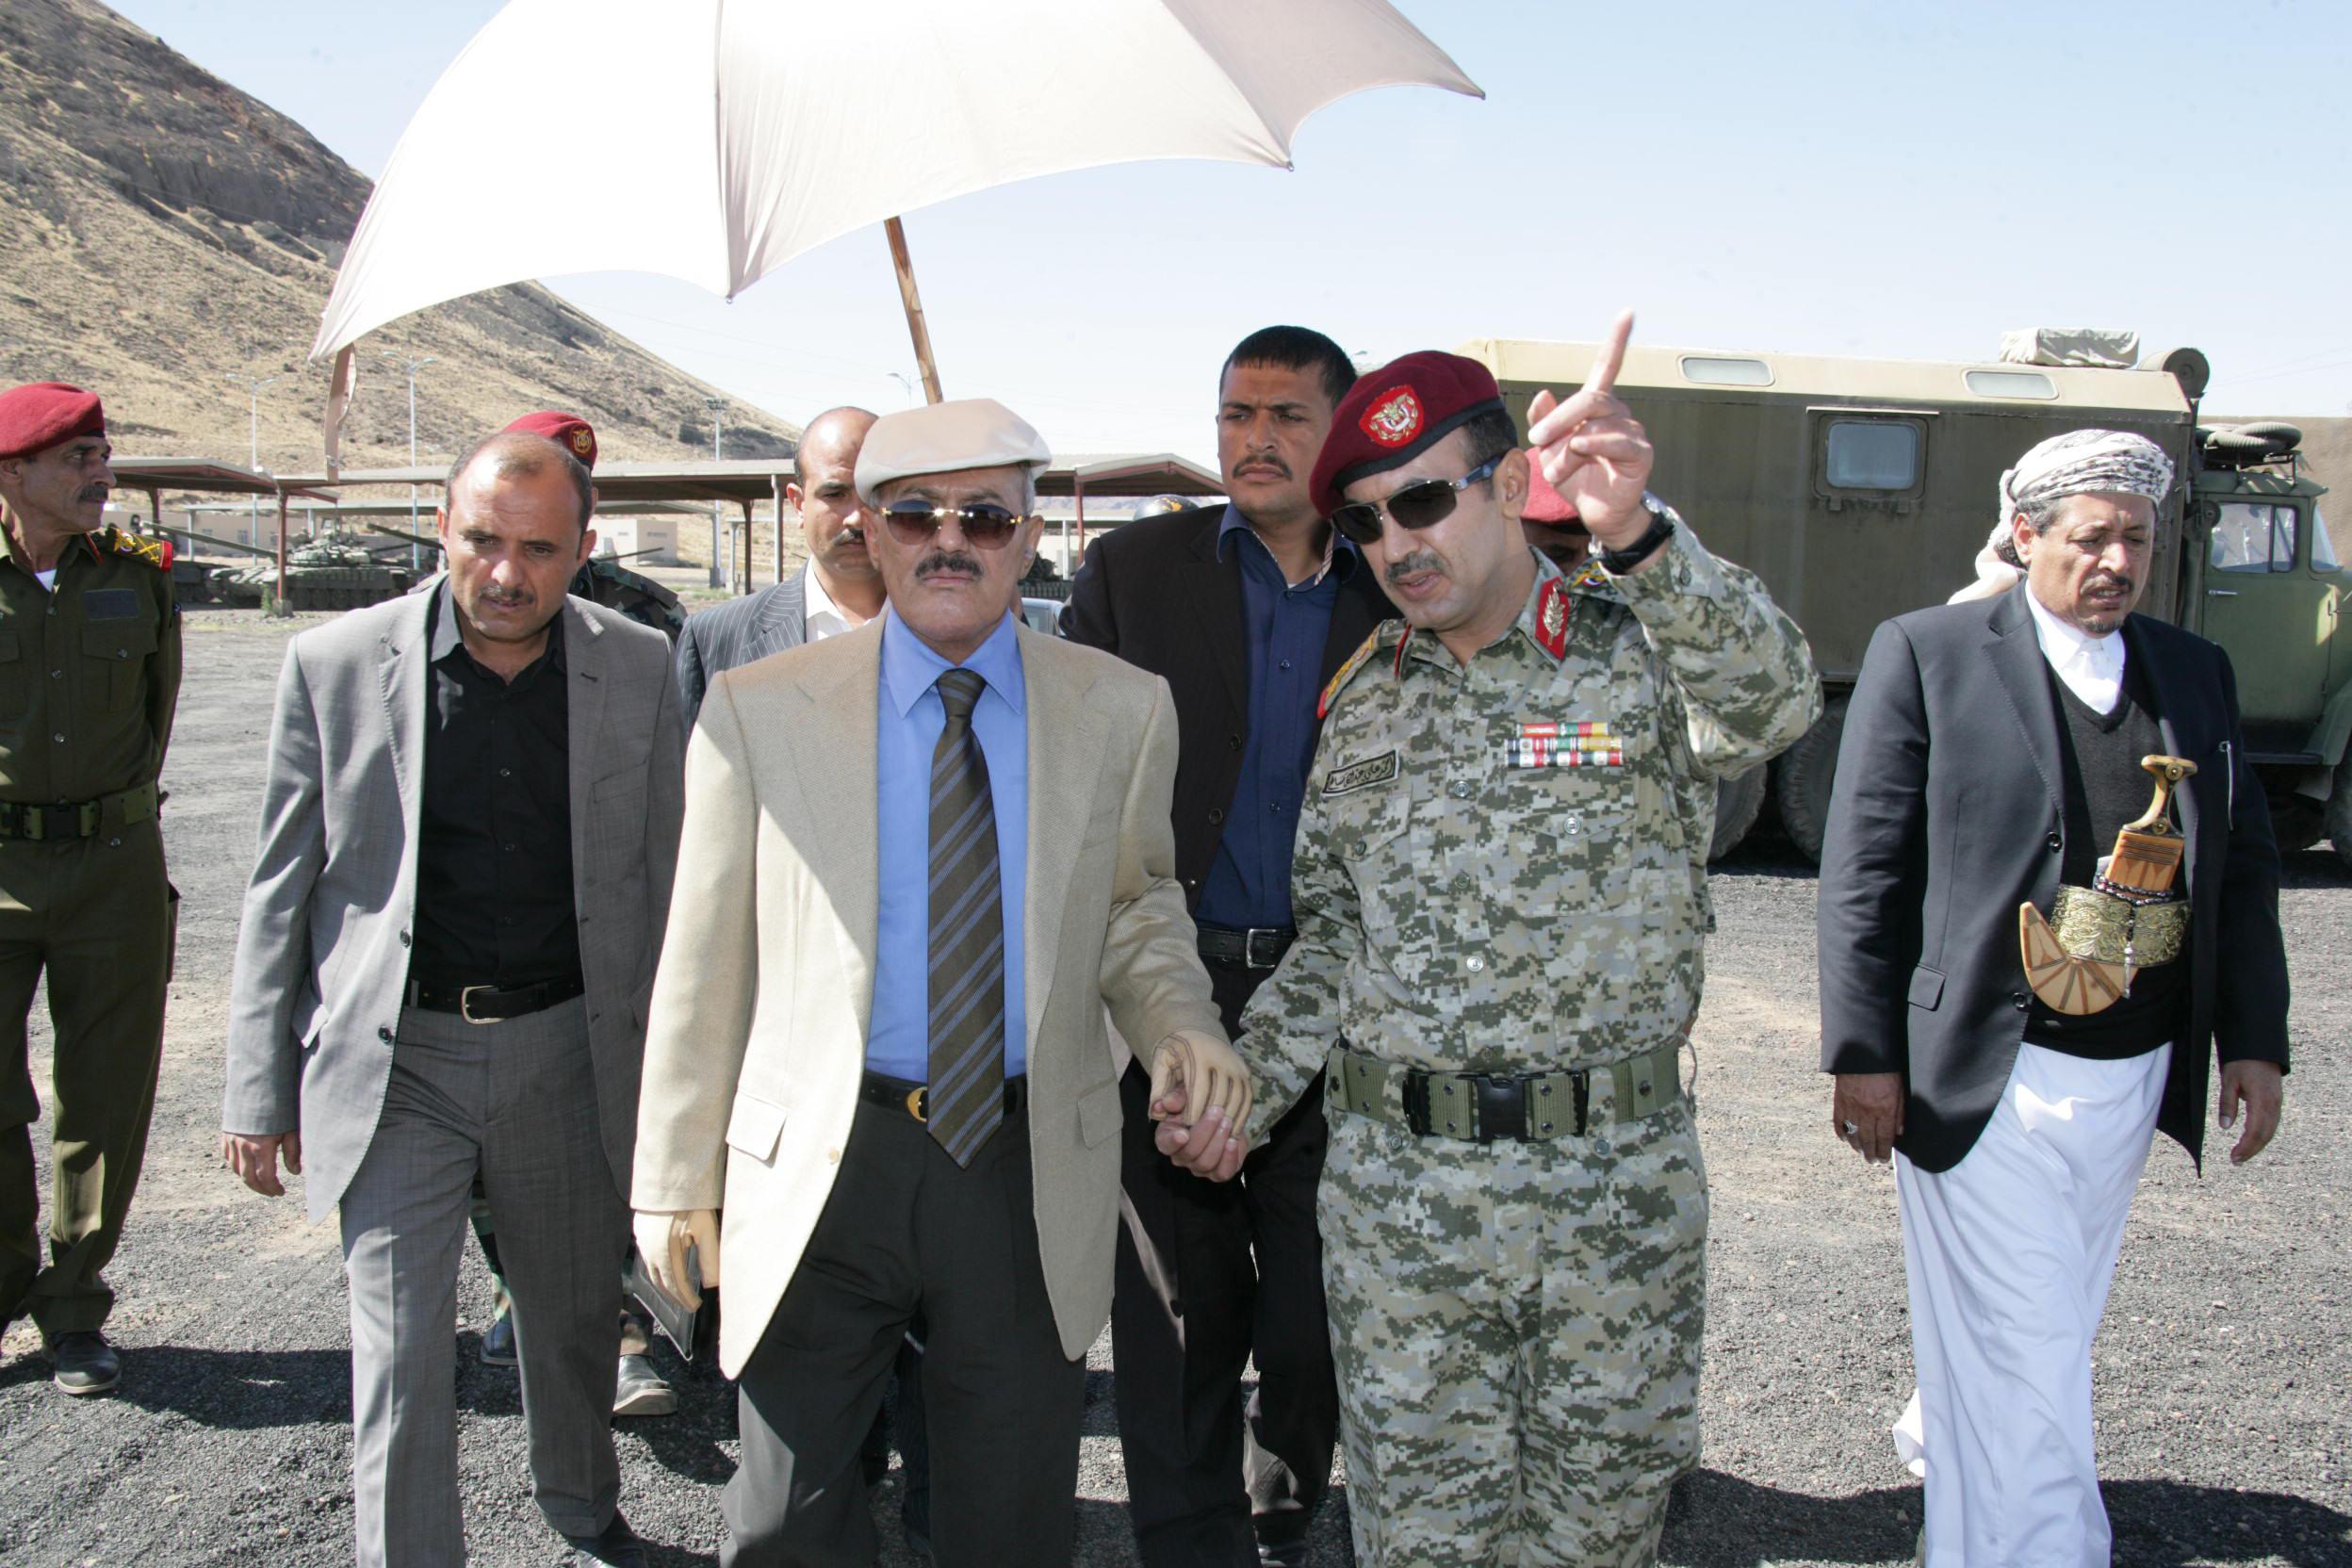 تسريبات تزعم فتح الإمارات لقناة اتصال سرية مع الحوثيين والتنسيق مع صالح